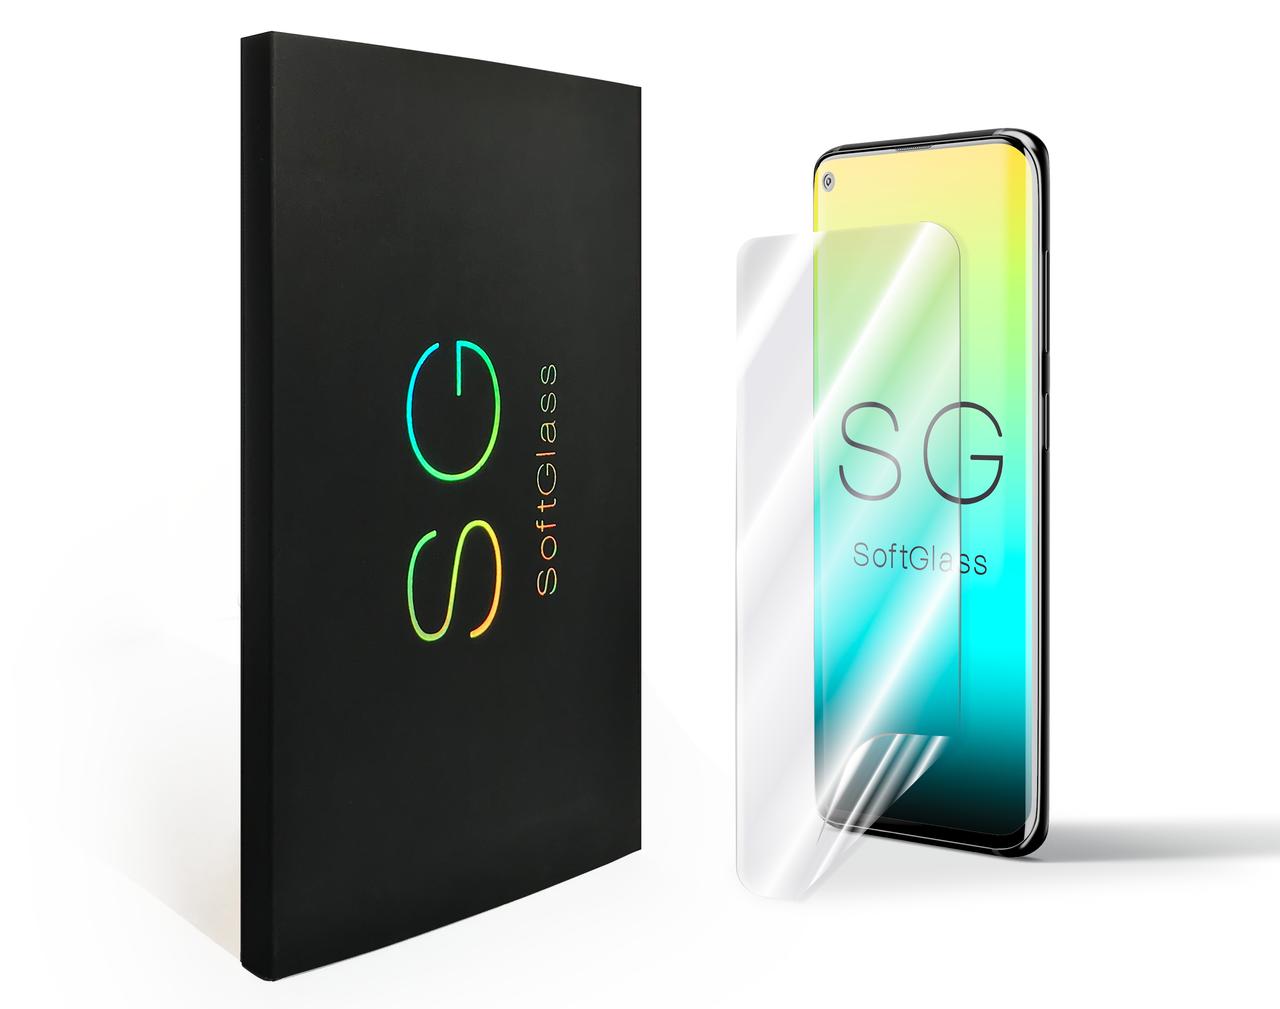 М'яке скло Samsung Trend GT-S7390 SoftGlass Екран